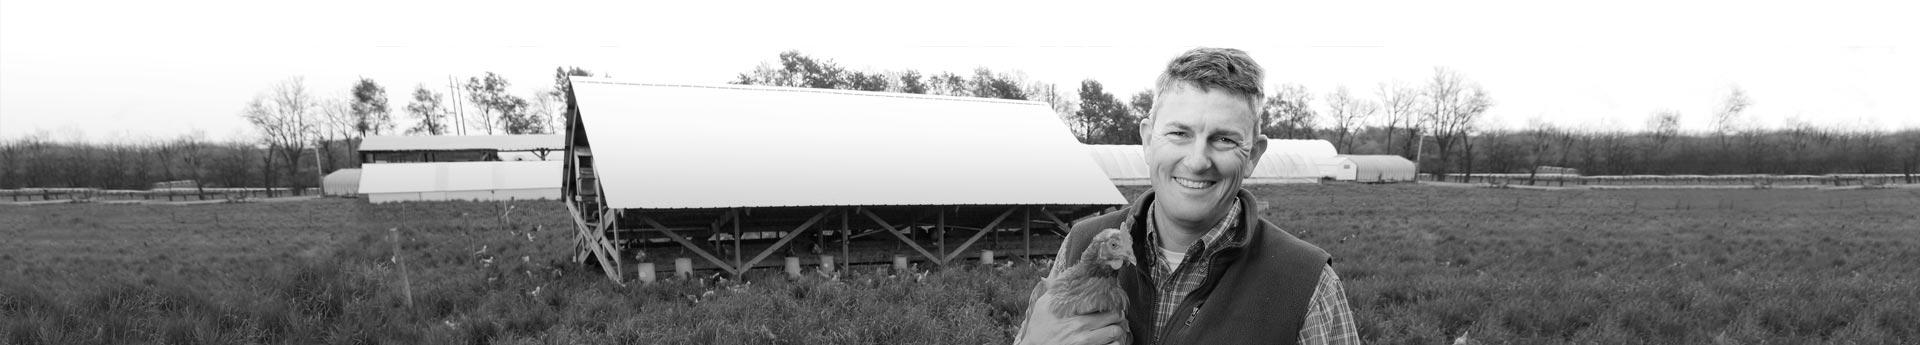 Todd of Clark Farms in Lexington, Kentucky. Trusted free-run chicken supplier.